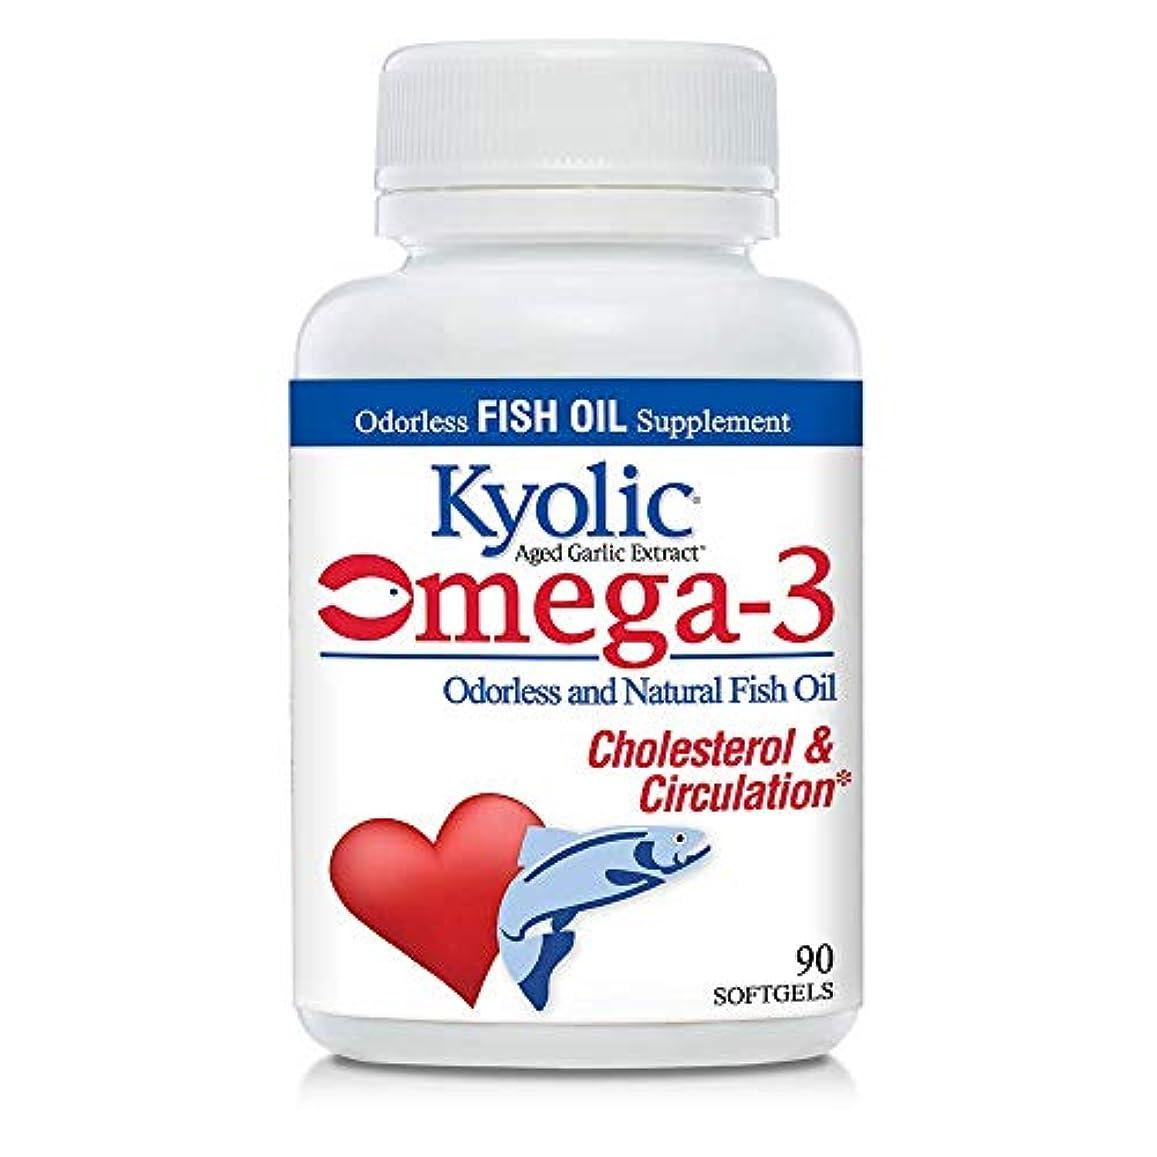 征服者反論効率的Wakunaga - Kyolic, EPA, Aged Garlic Extract, Cardiovascular, 90 Softgels